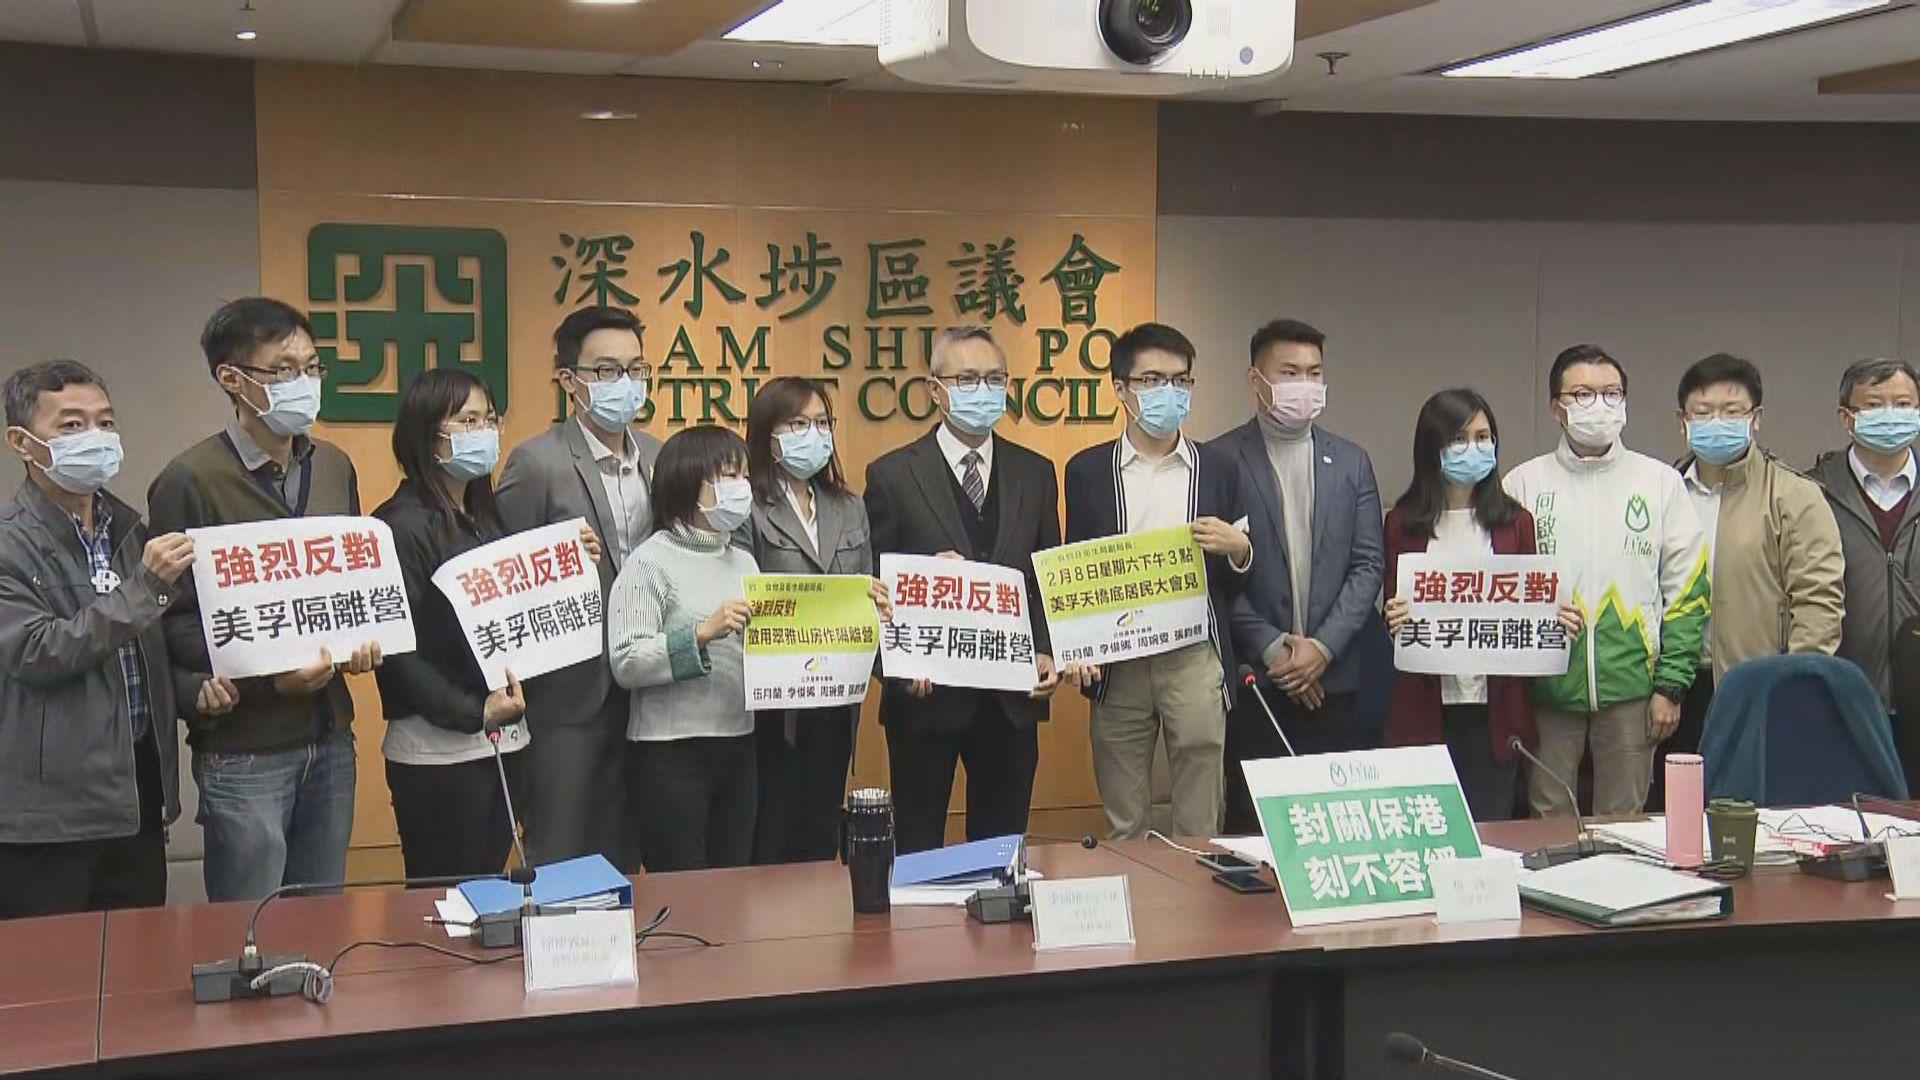 政府向區議會諮詢徵用翠雅山房作檢疫中心